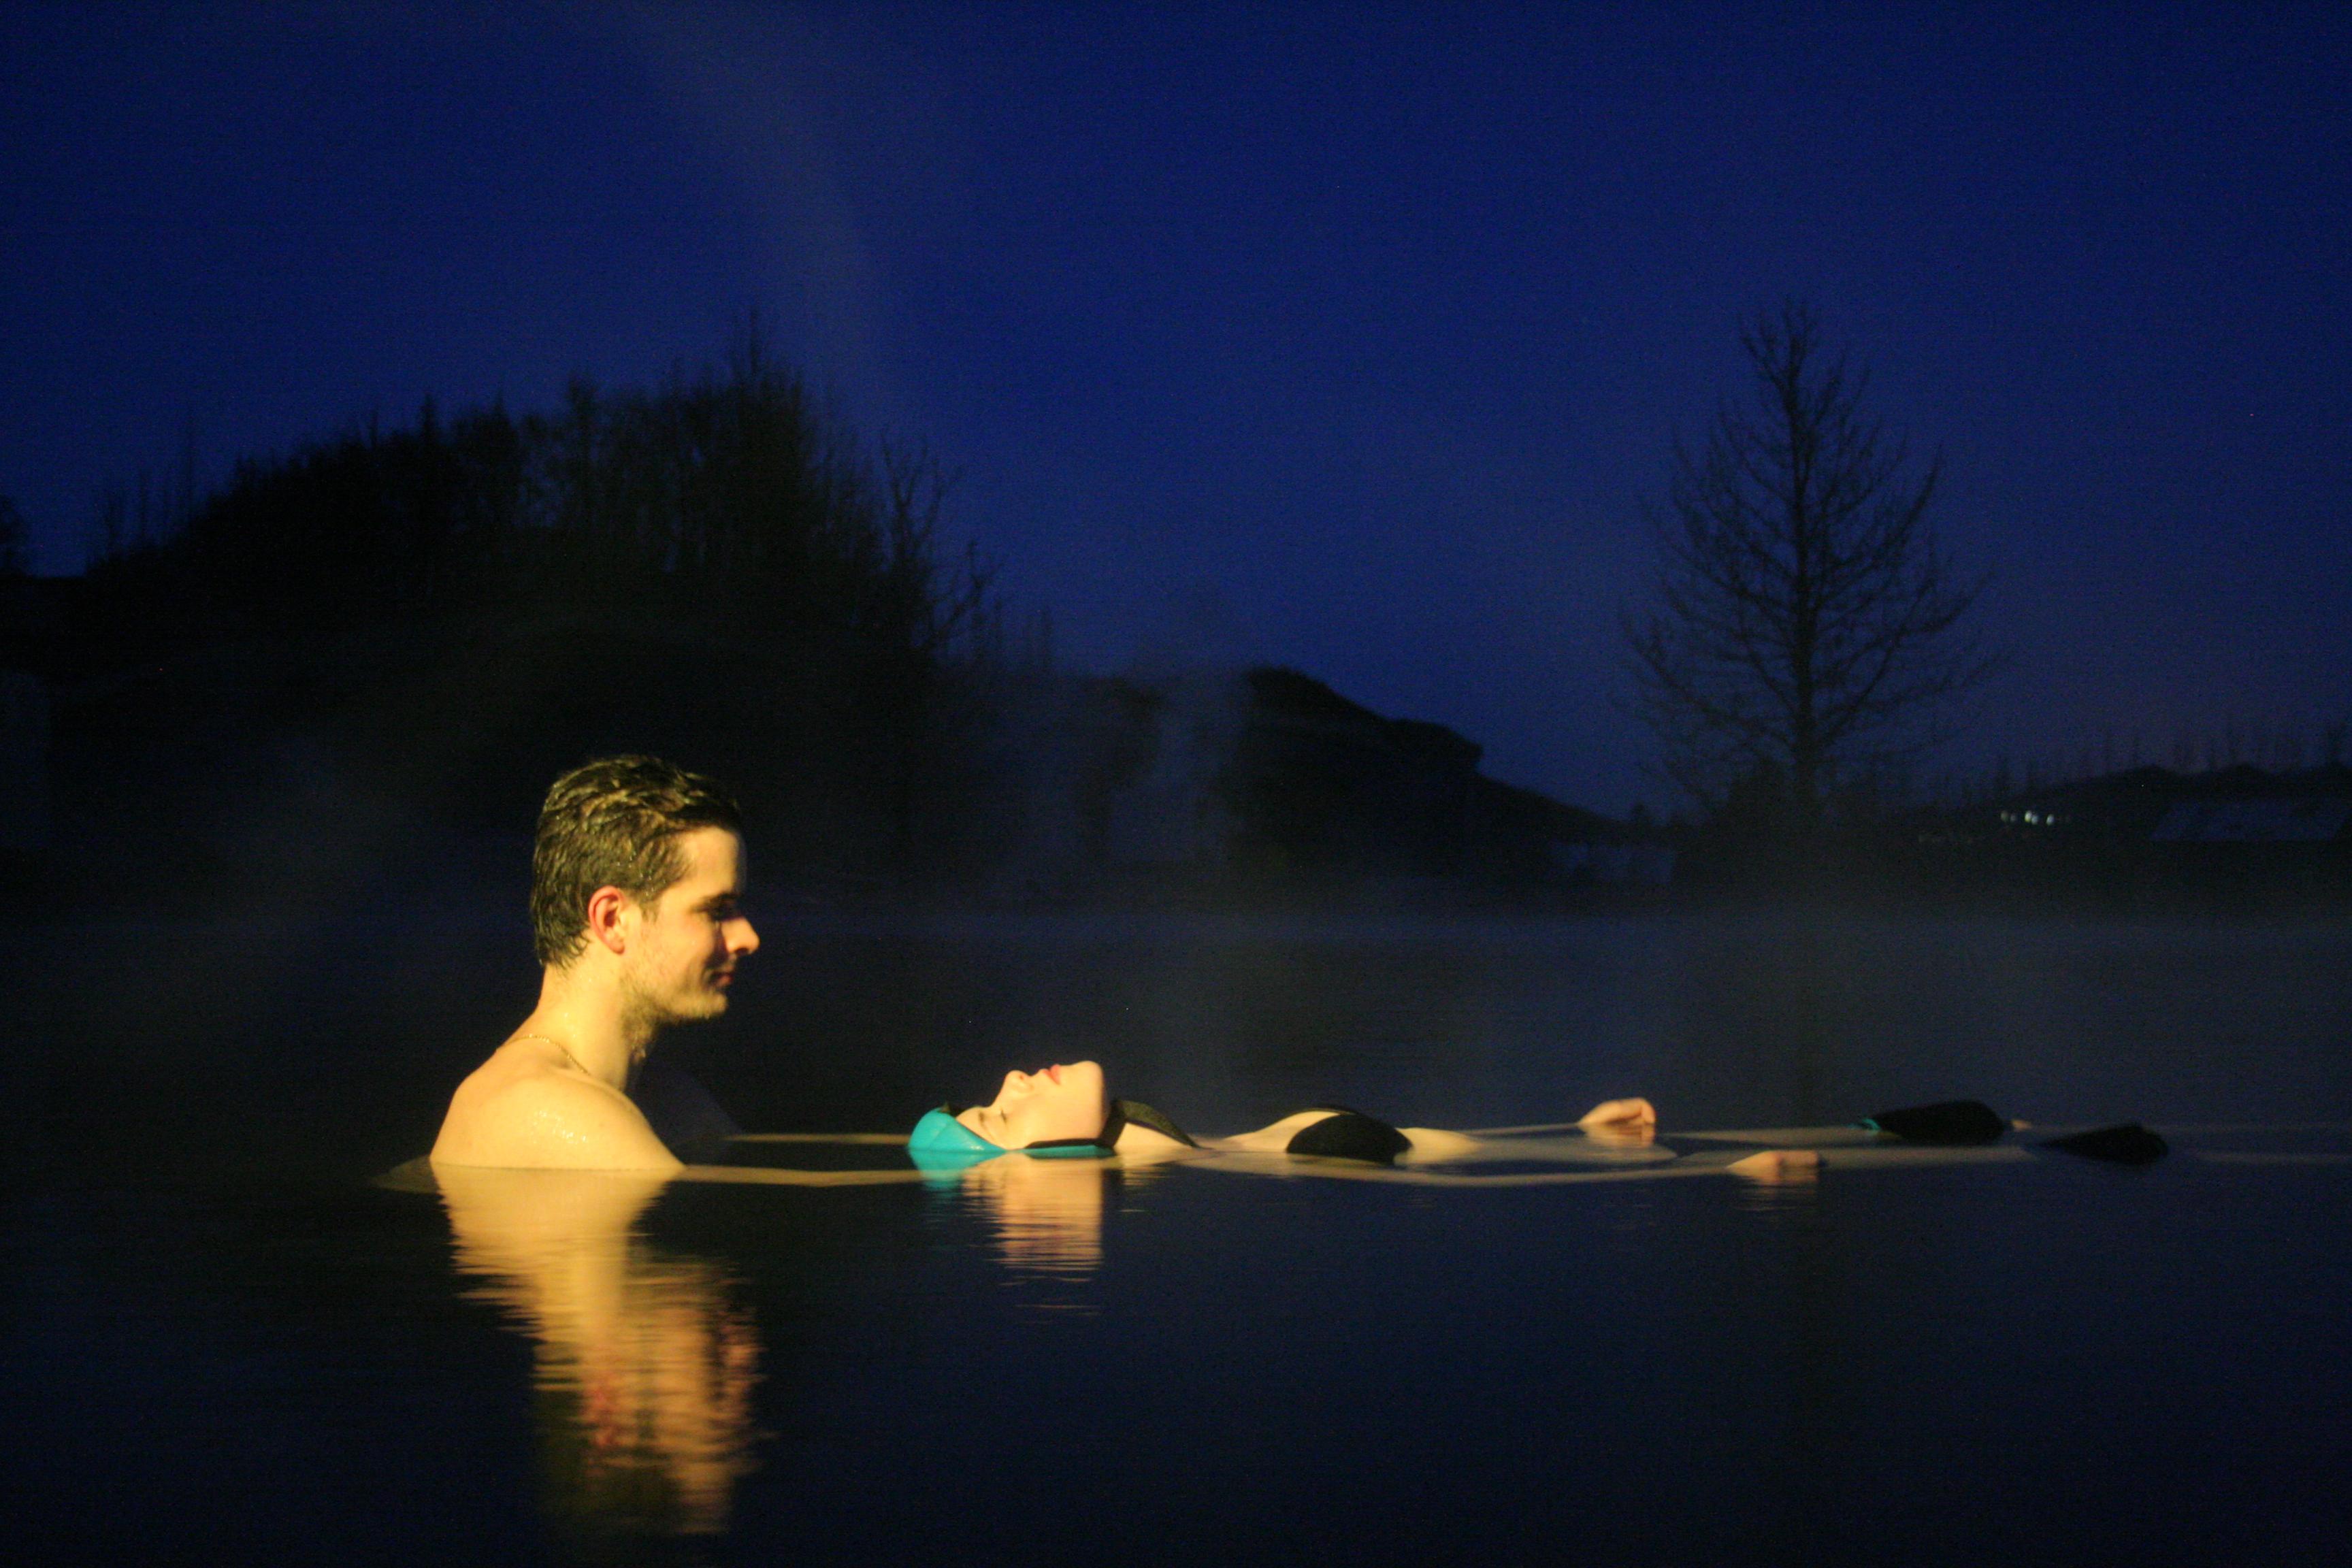 Floating mit Massage lotferðir ehf